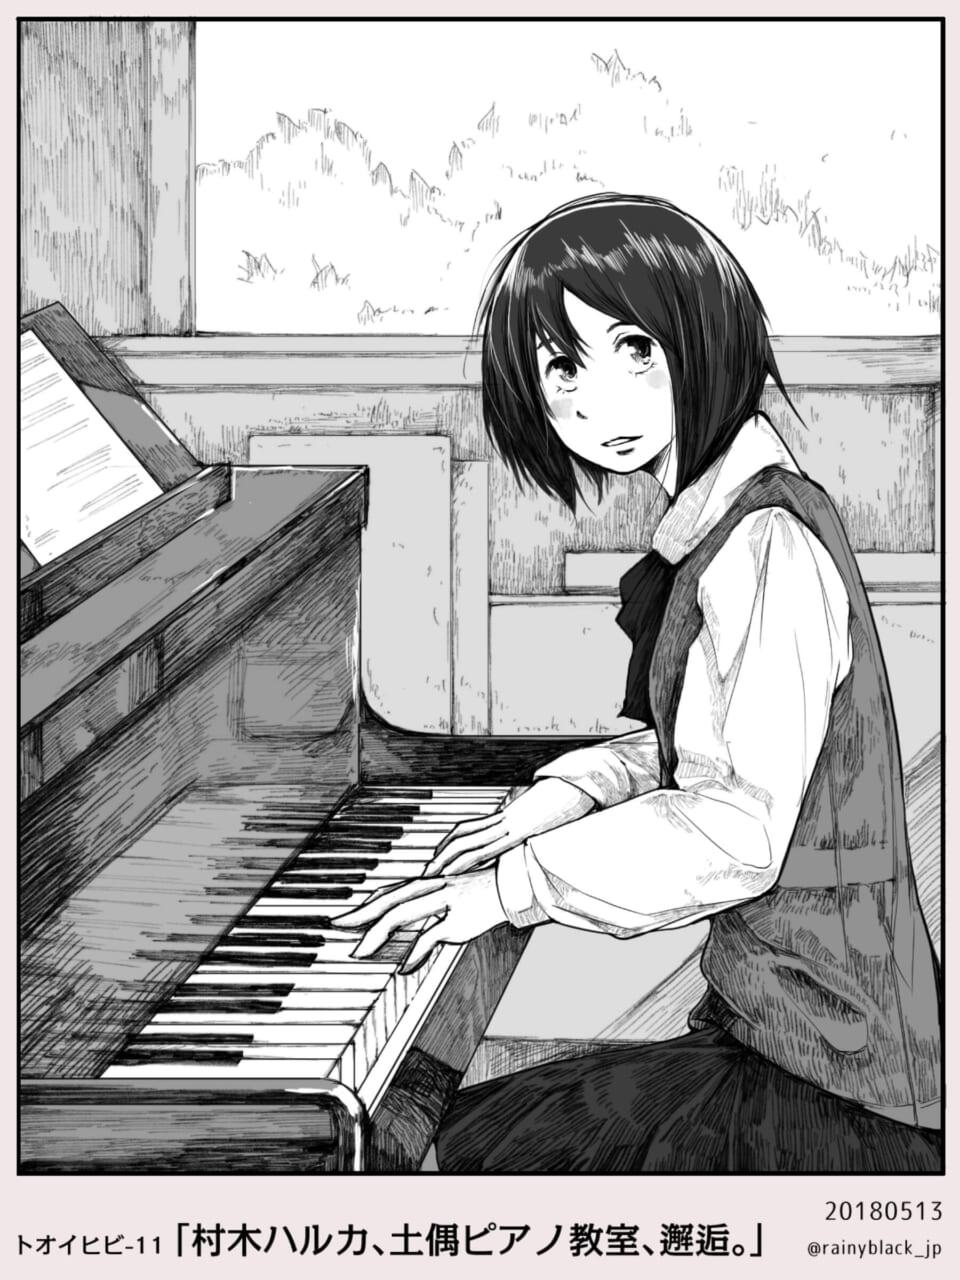 トオイヒビ11「村木ハルカ、土偶ピアノ教室、邂逅。」